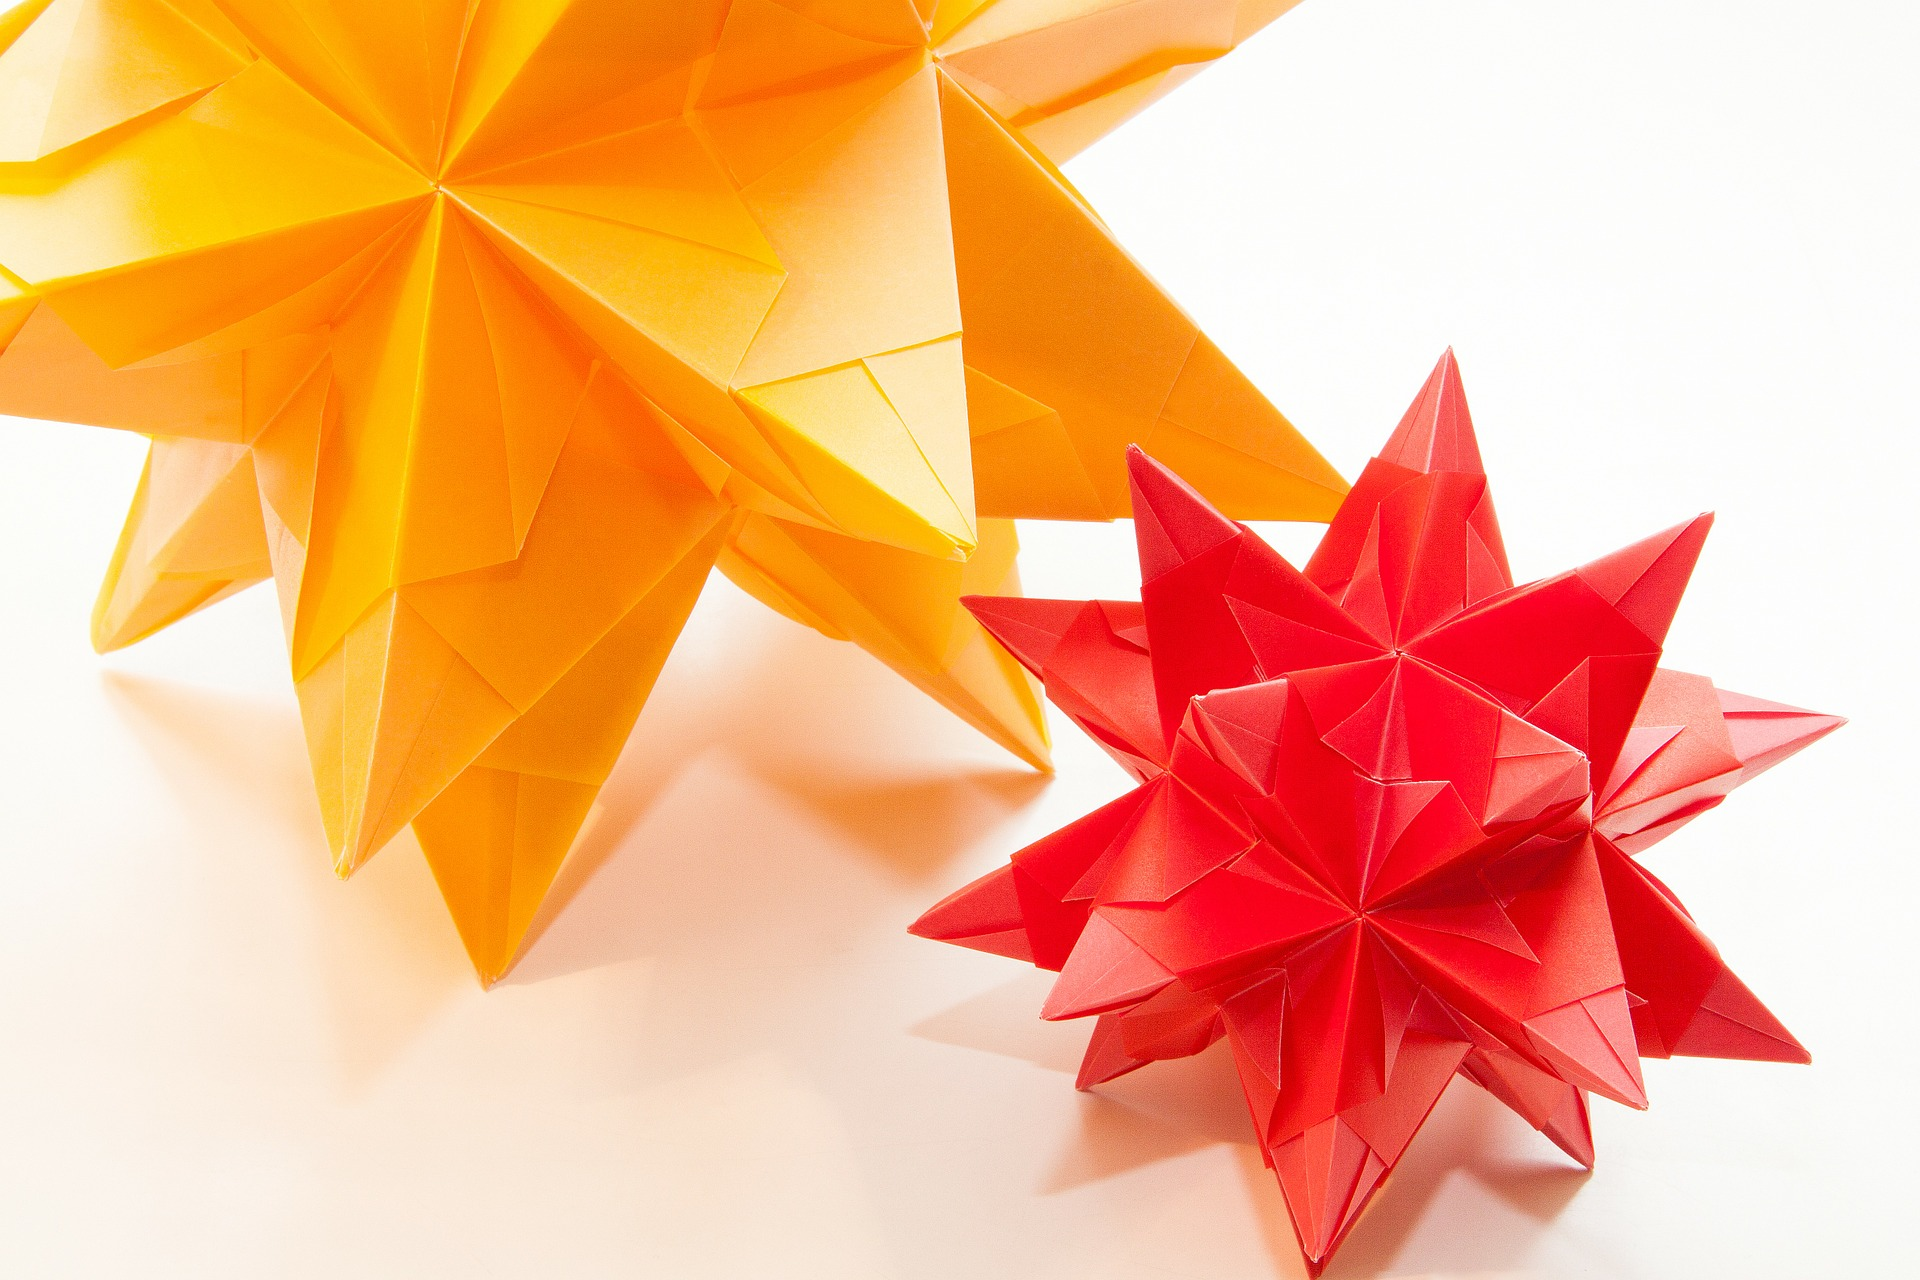 origami-210114_1920